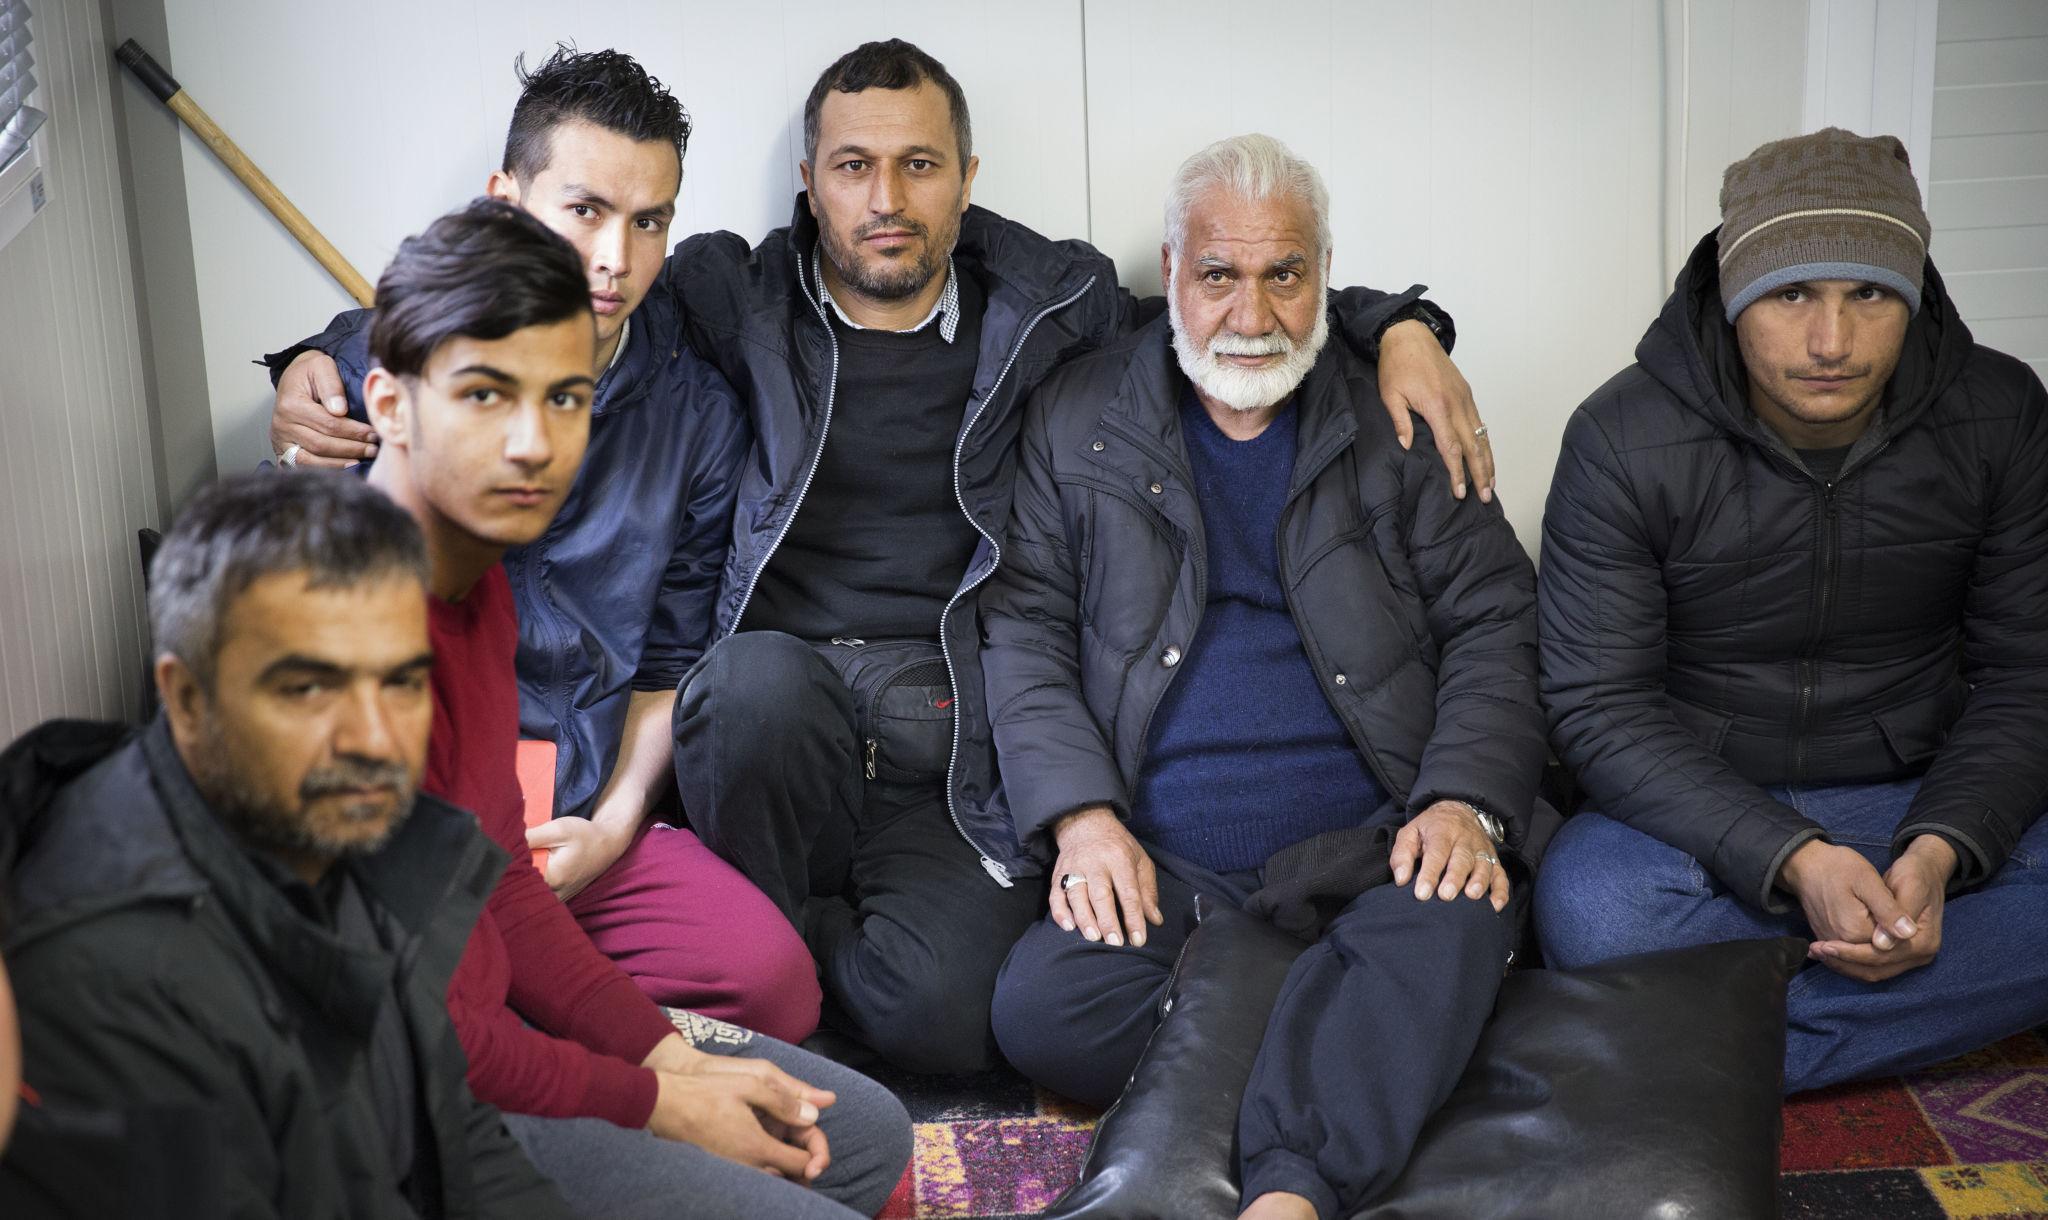 8e3724d6f39d17 Zo pakt België vakantievierende asielzoeker aan - Elsevier Weekblad